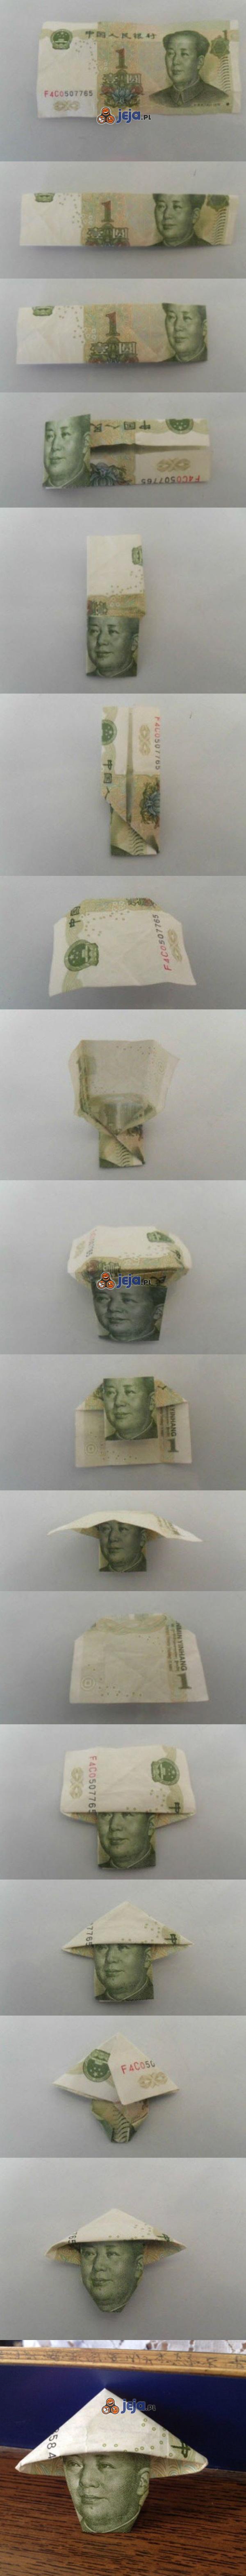 Origami z banknotu